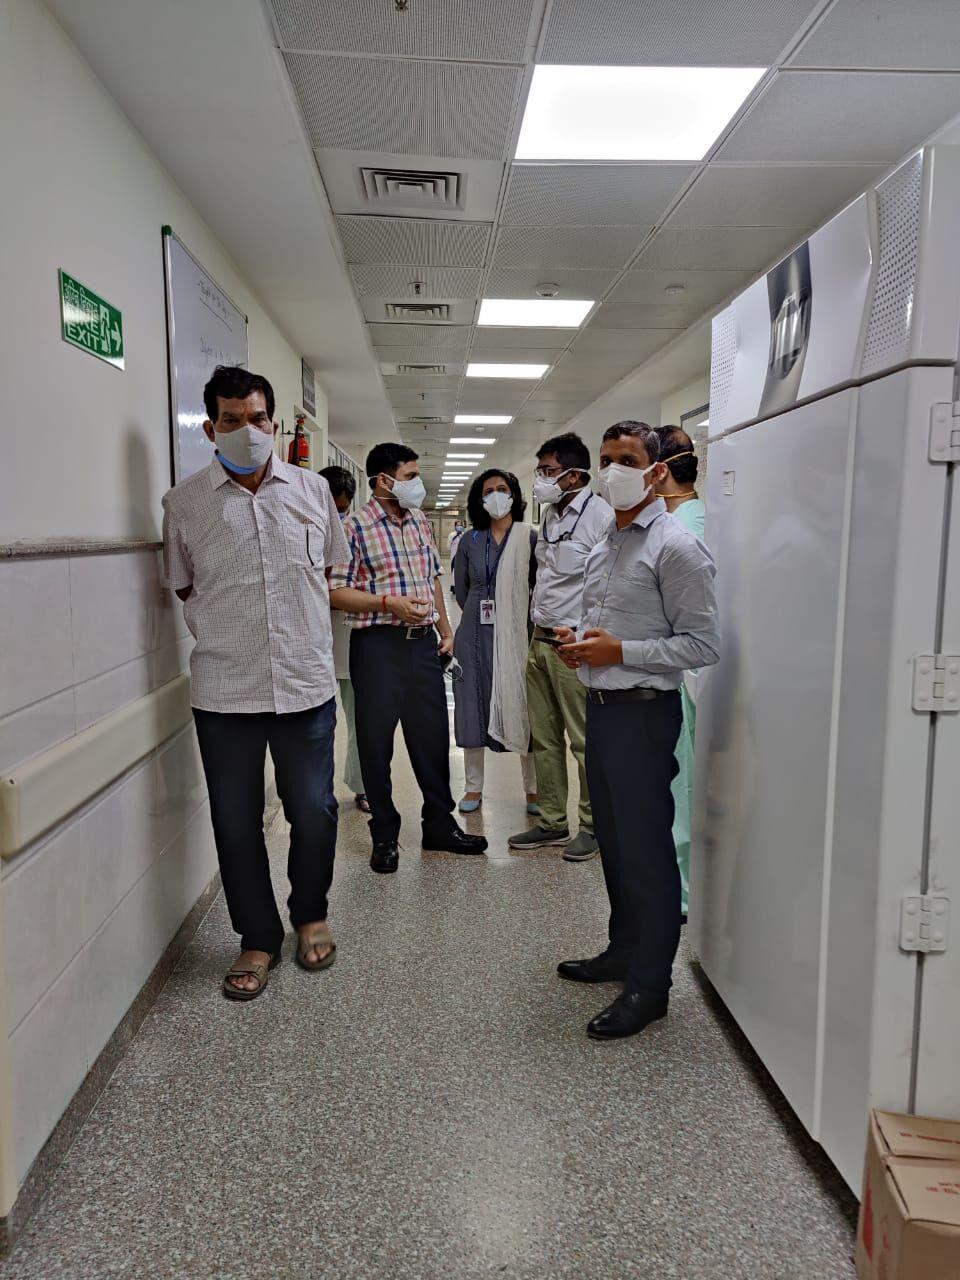 वाराणसी: ट्रामा सेण्टर में 140 व कैंसर अस्पताल में 100 बेड से ऊपर की होगी क्षमता